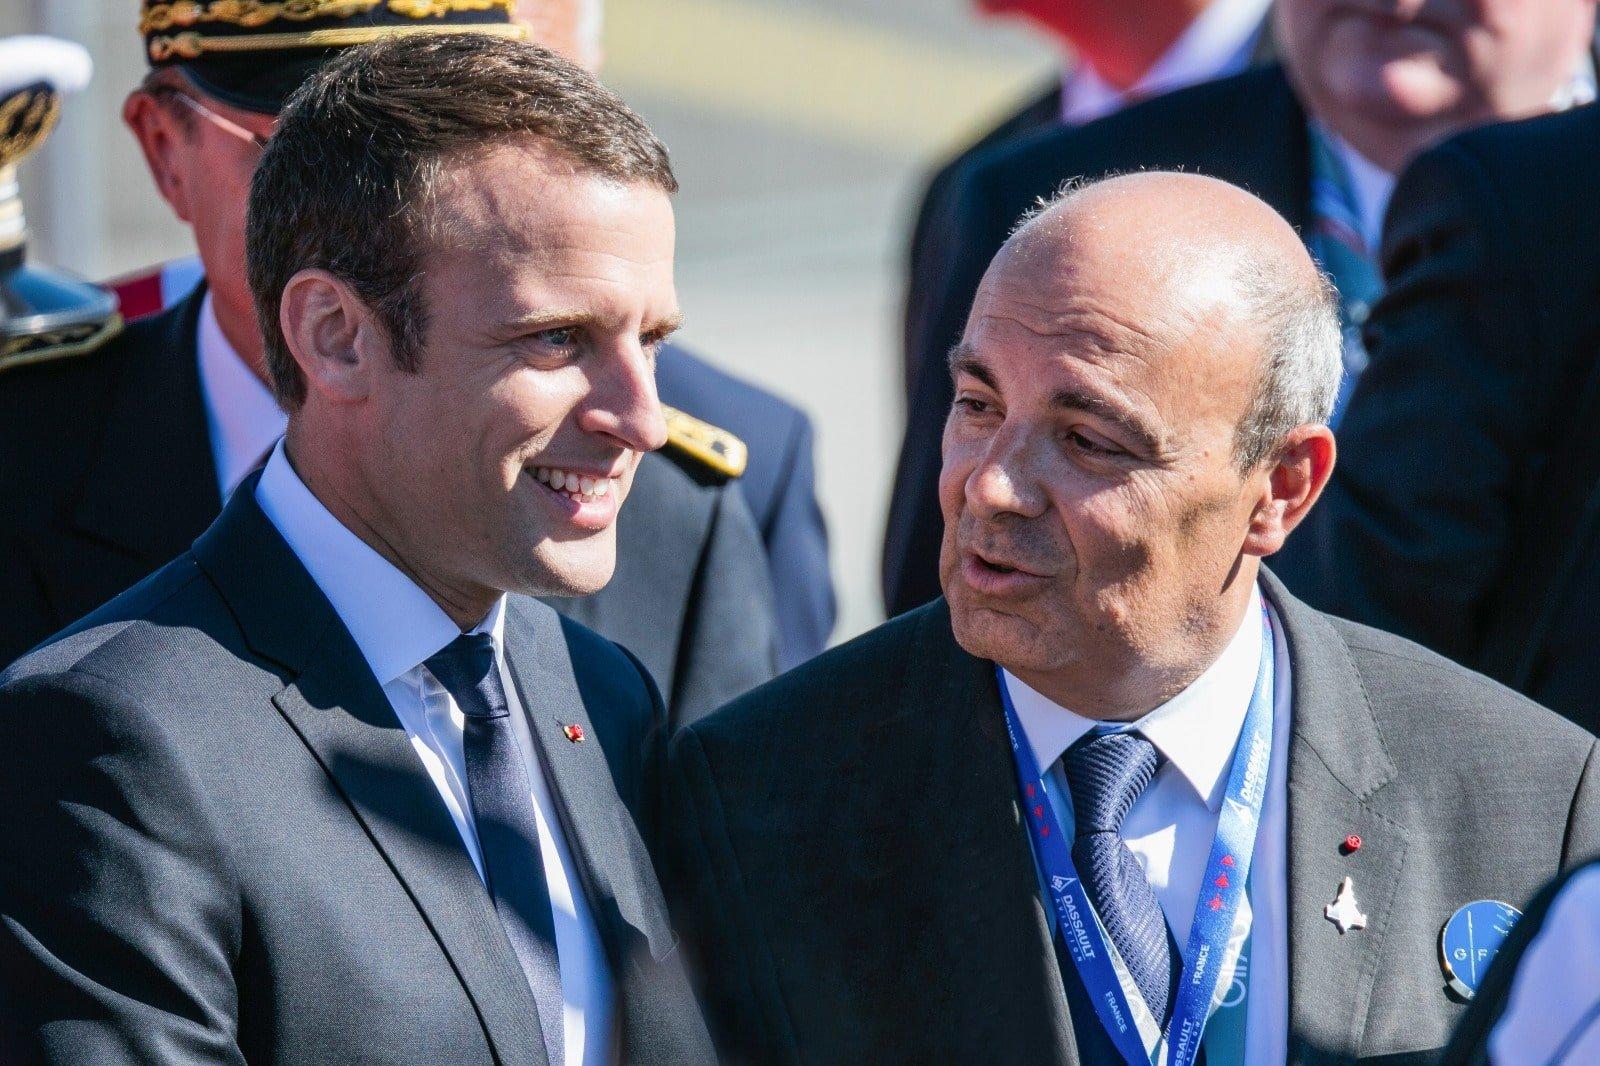 Faits marquants 2017 2018 dassault aviation for Salon du bourget 2018